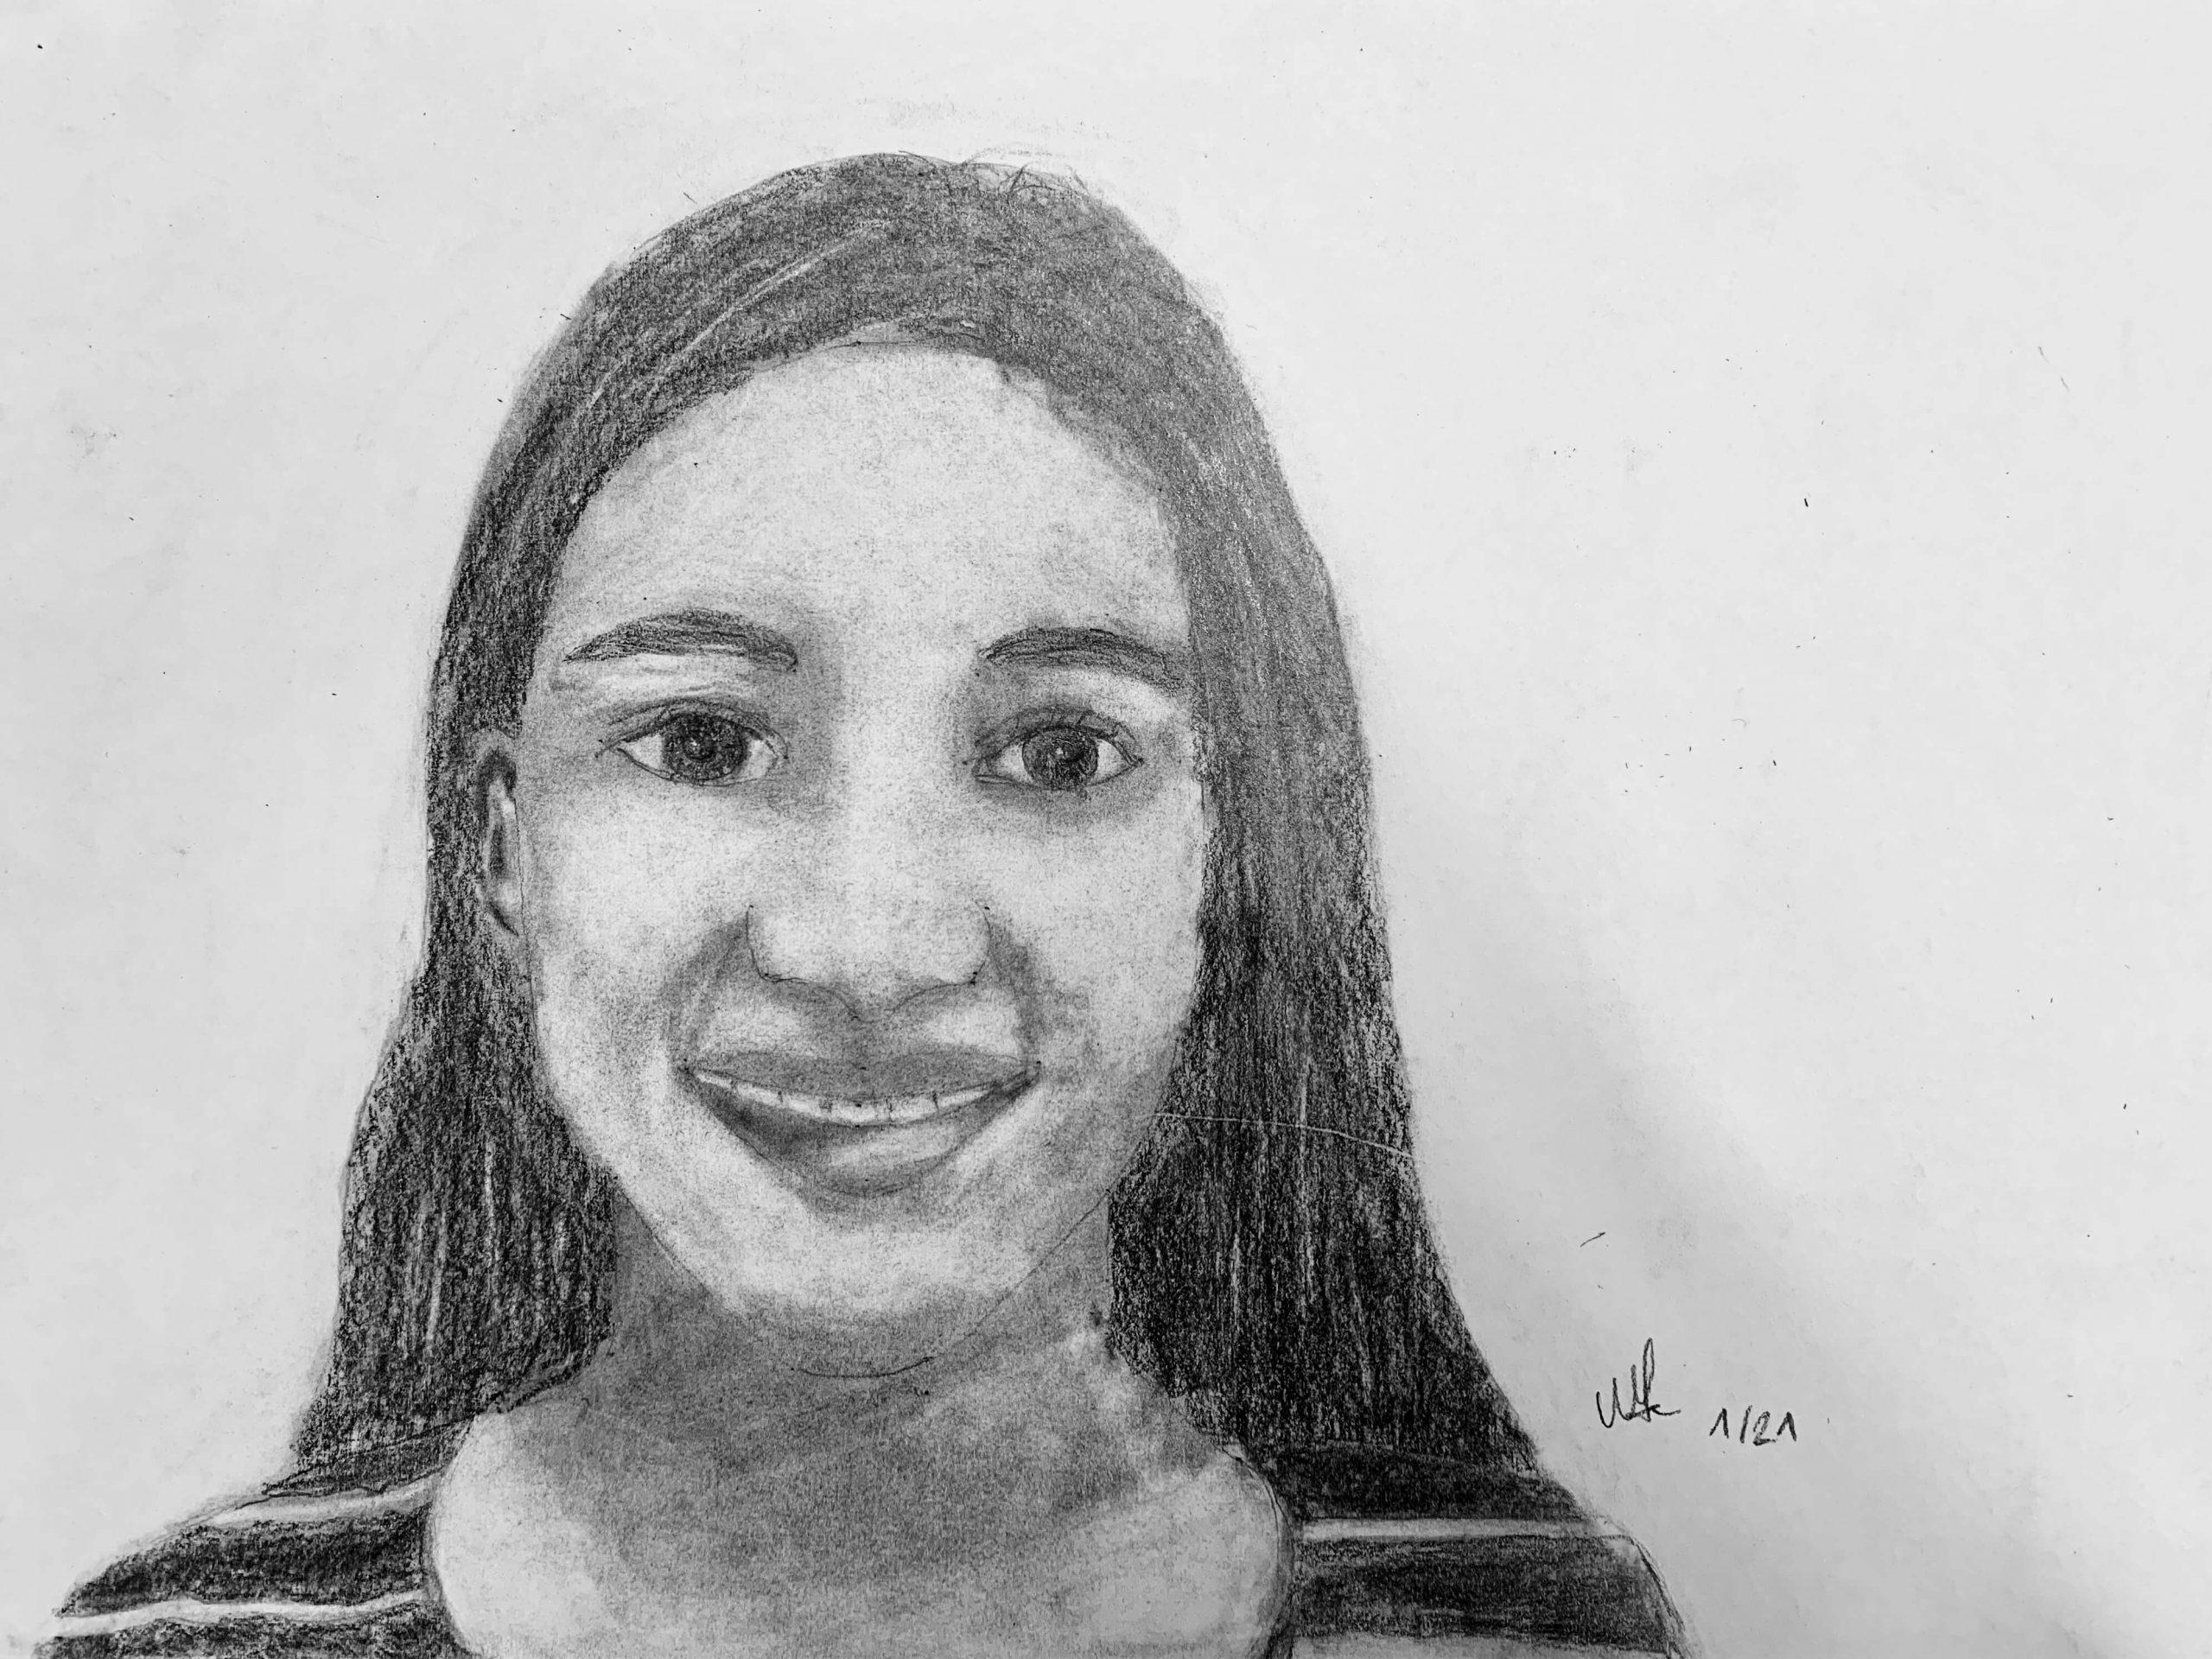 Selbstportrait Mona, Bleistiftzeichnung, 14 Jahre